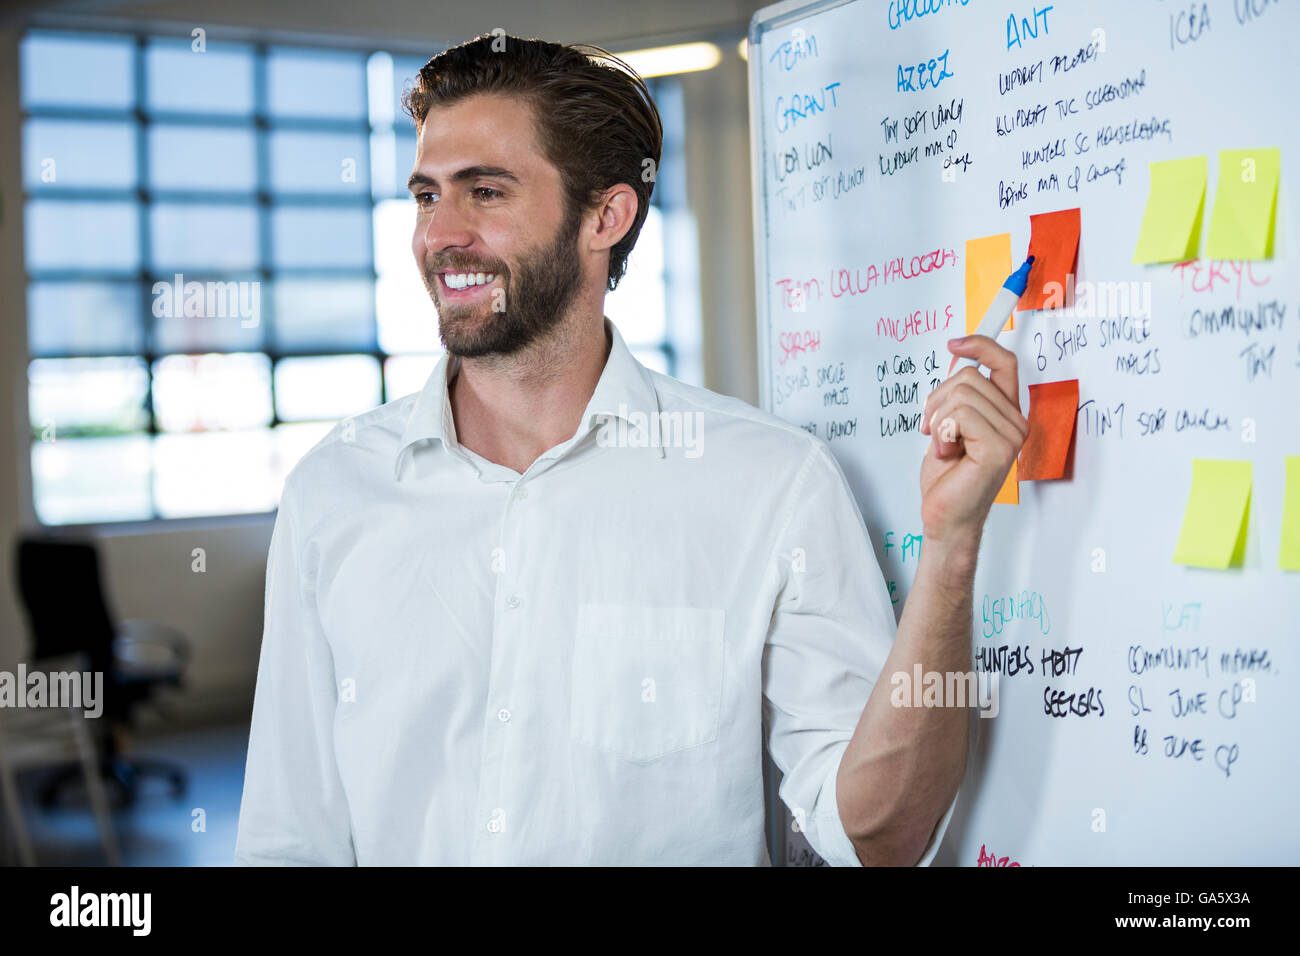 Imprenditore sorridente puntando su una nota adesiva Immagini Stock